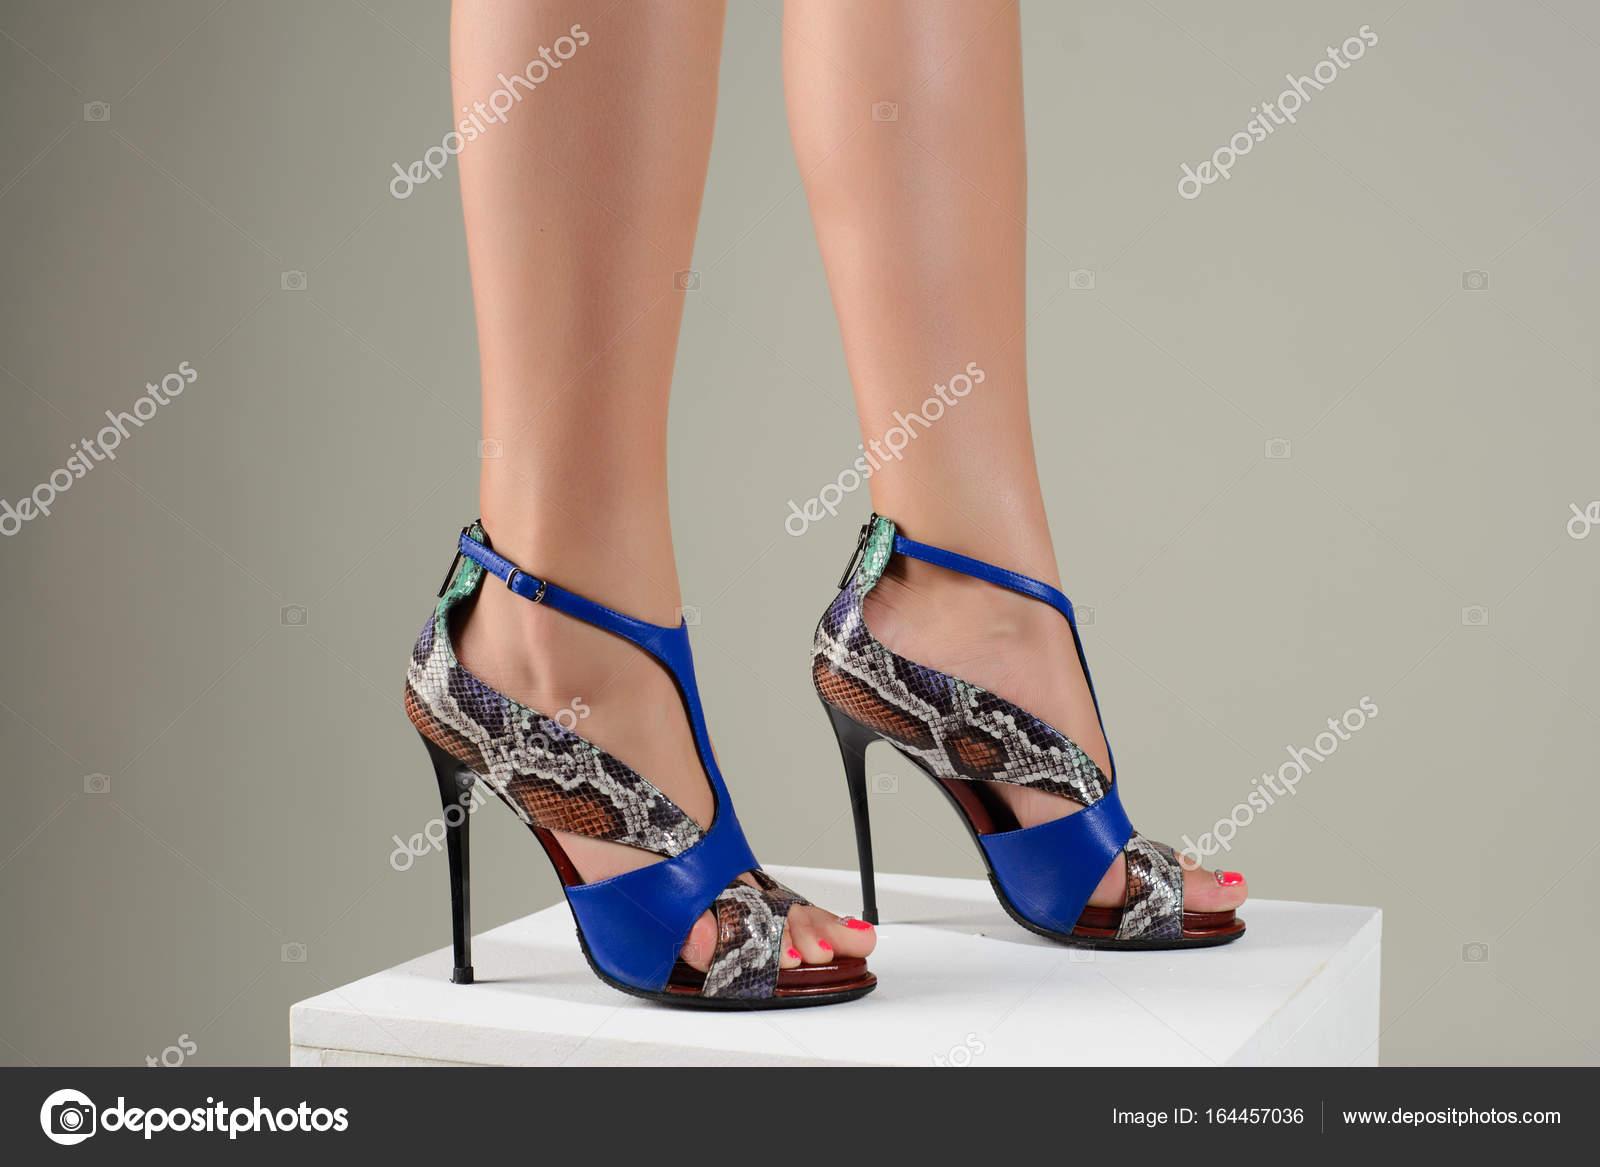 Tacón Alto Mujer Hermosos Azul Pies De Sandalias En Elegantes zMGVpSqU